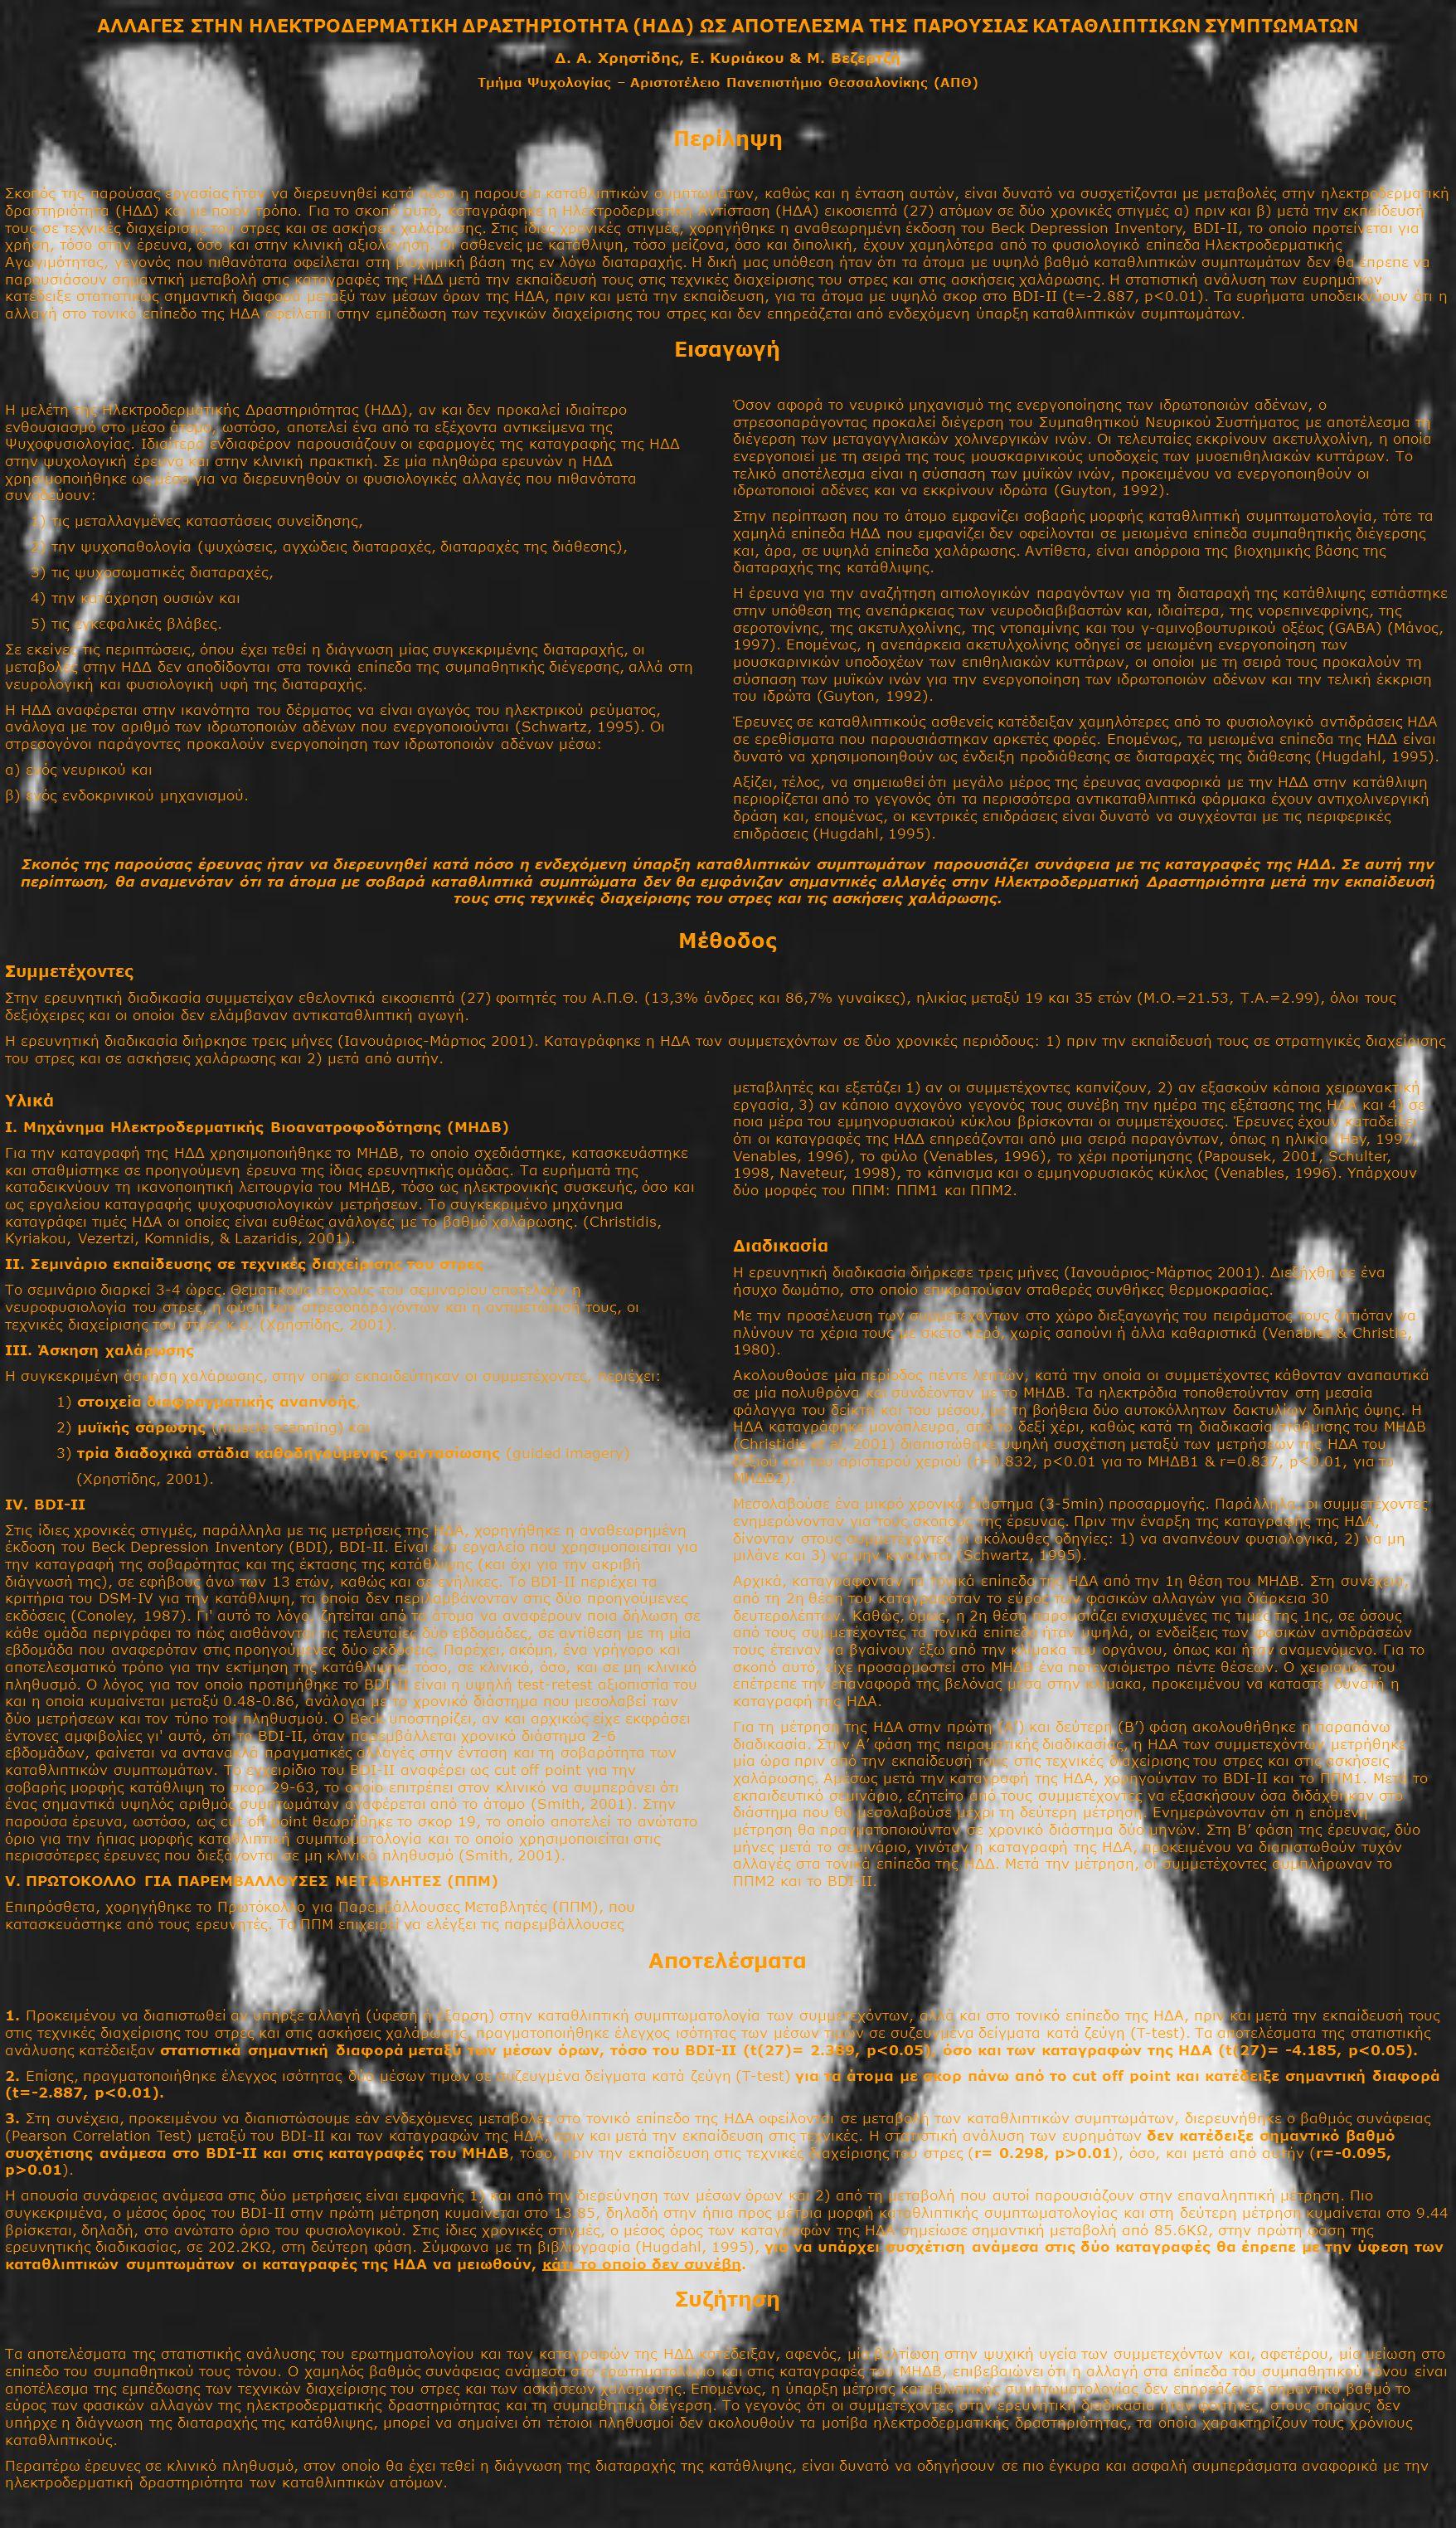 ΑΛΛΑΓΕΣ ΣΤΗΝ ΗΛΕΚΤΡΟΔΕΡΜΑΤΙΚΗ ΔΡΑΣΤΗΡΙΟΤΗΤΑ (ΗΔΔ) ΩΣ ΑΠΟΤΕΛΕΣΜΑ ΤΗΣ ΠΑΡΟΥΣΙΑΣ ΚΑΤΑΘΛΙΠΤΙΚΩΝ ΣΥΜΠΤΩΜΑΤΩΝ Δ. Α. Χρηστίδης, Ε. Κυριάκου & Μ. Βεζερτζή Τμή